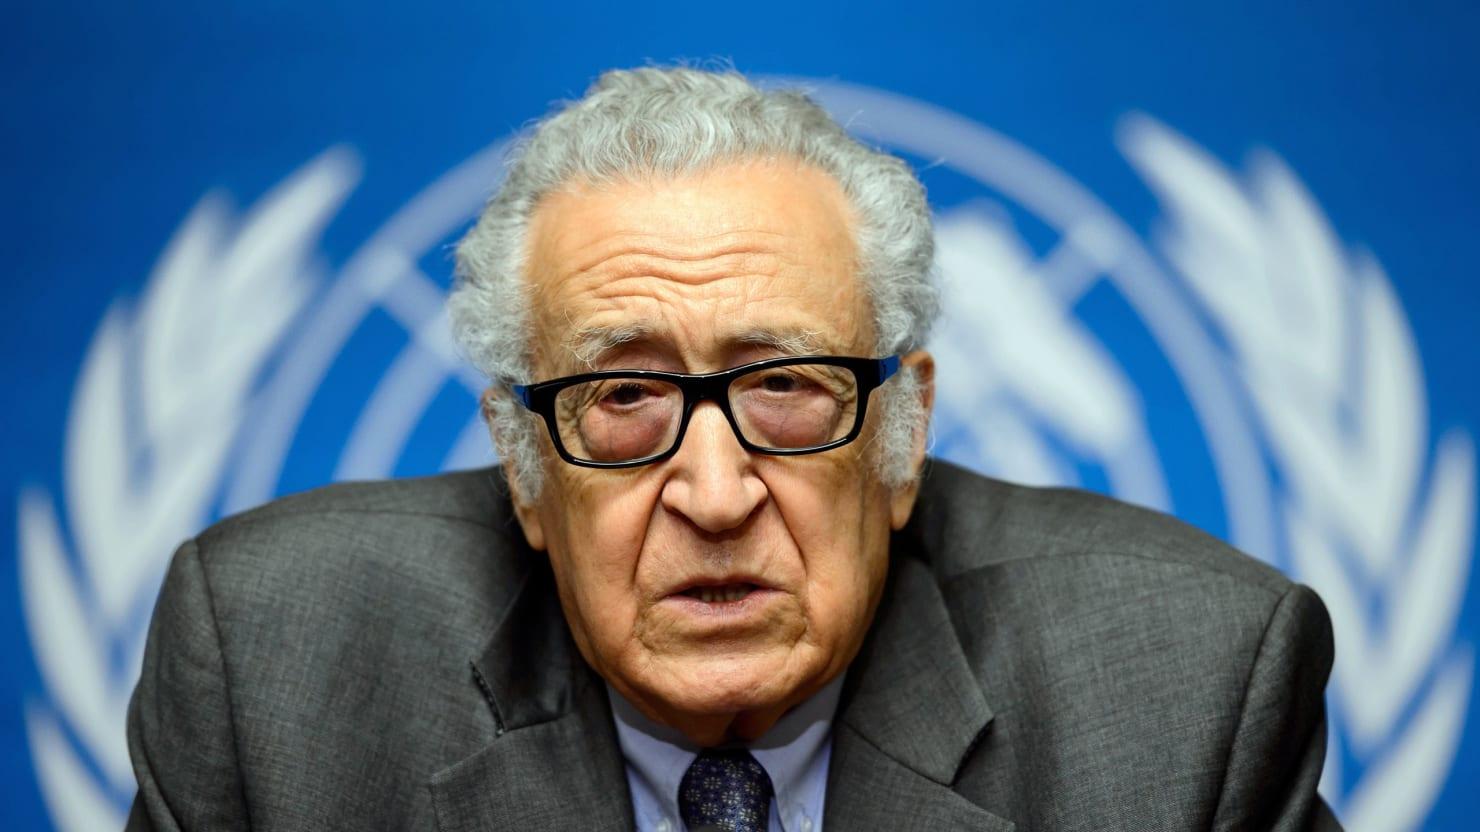 UN's Brahimi: Round One of Syria Peace Talks Failed